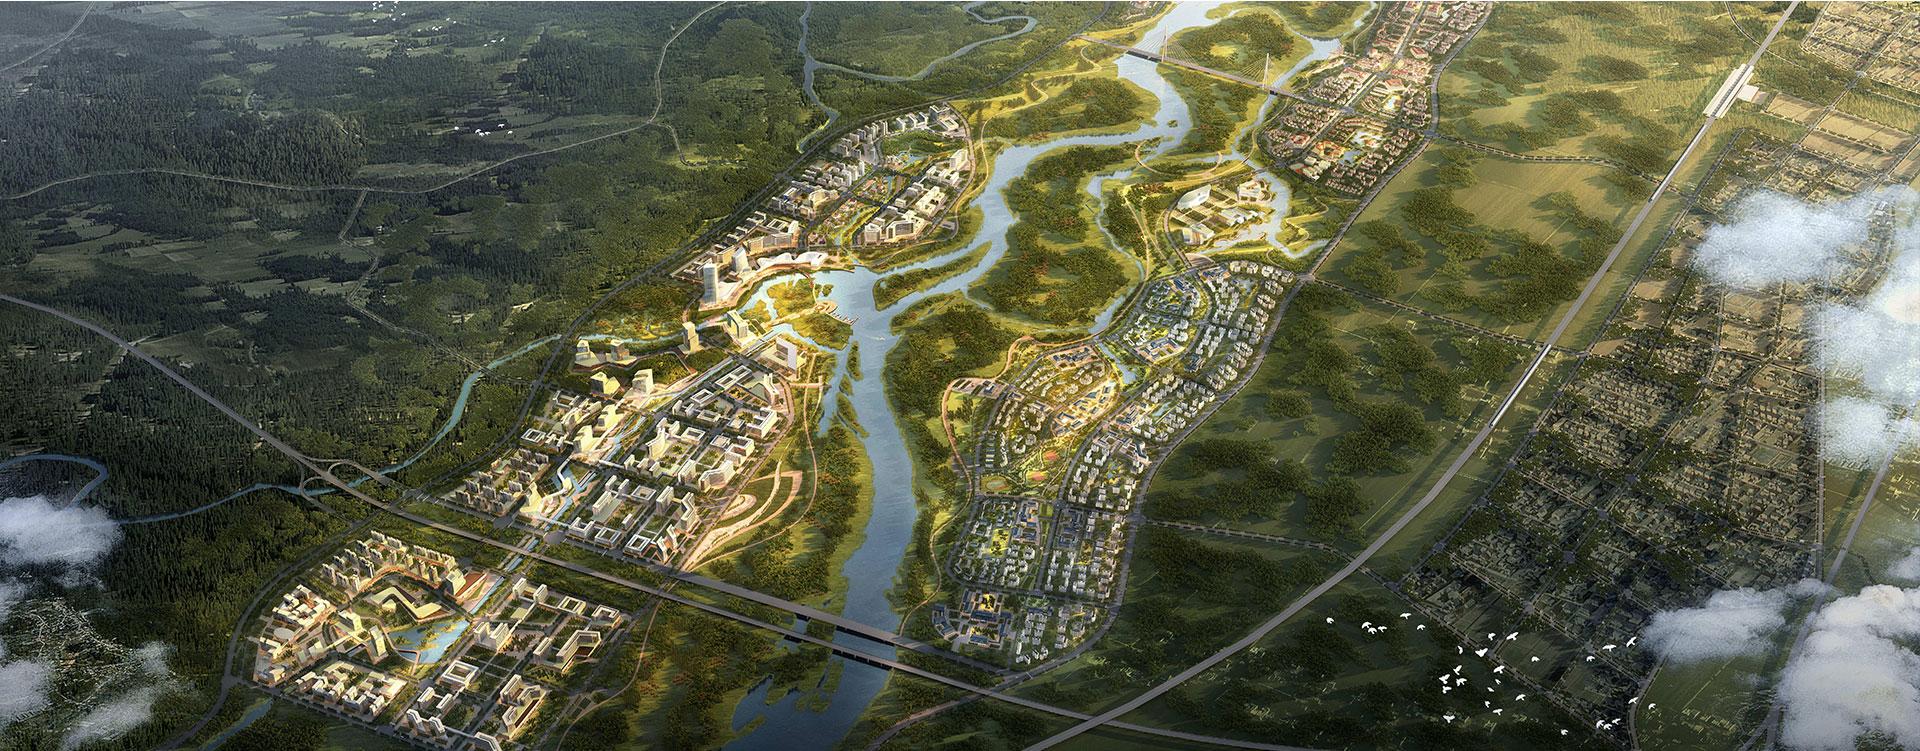 Вид с птичьего полета на город Боао Лэчэн